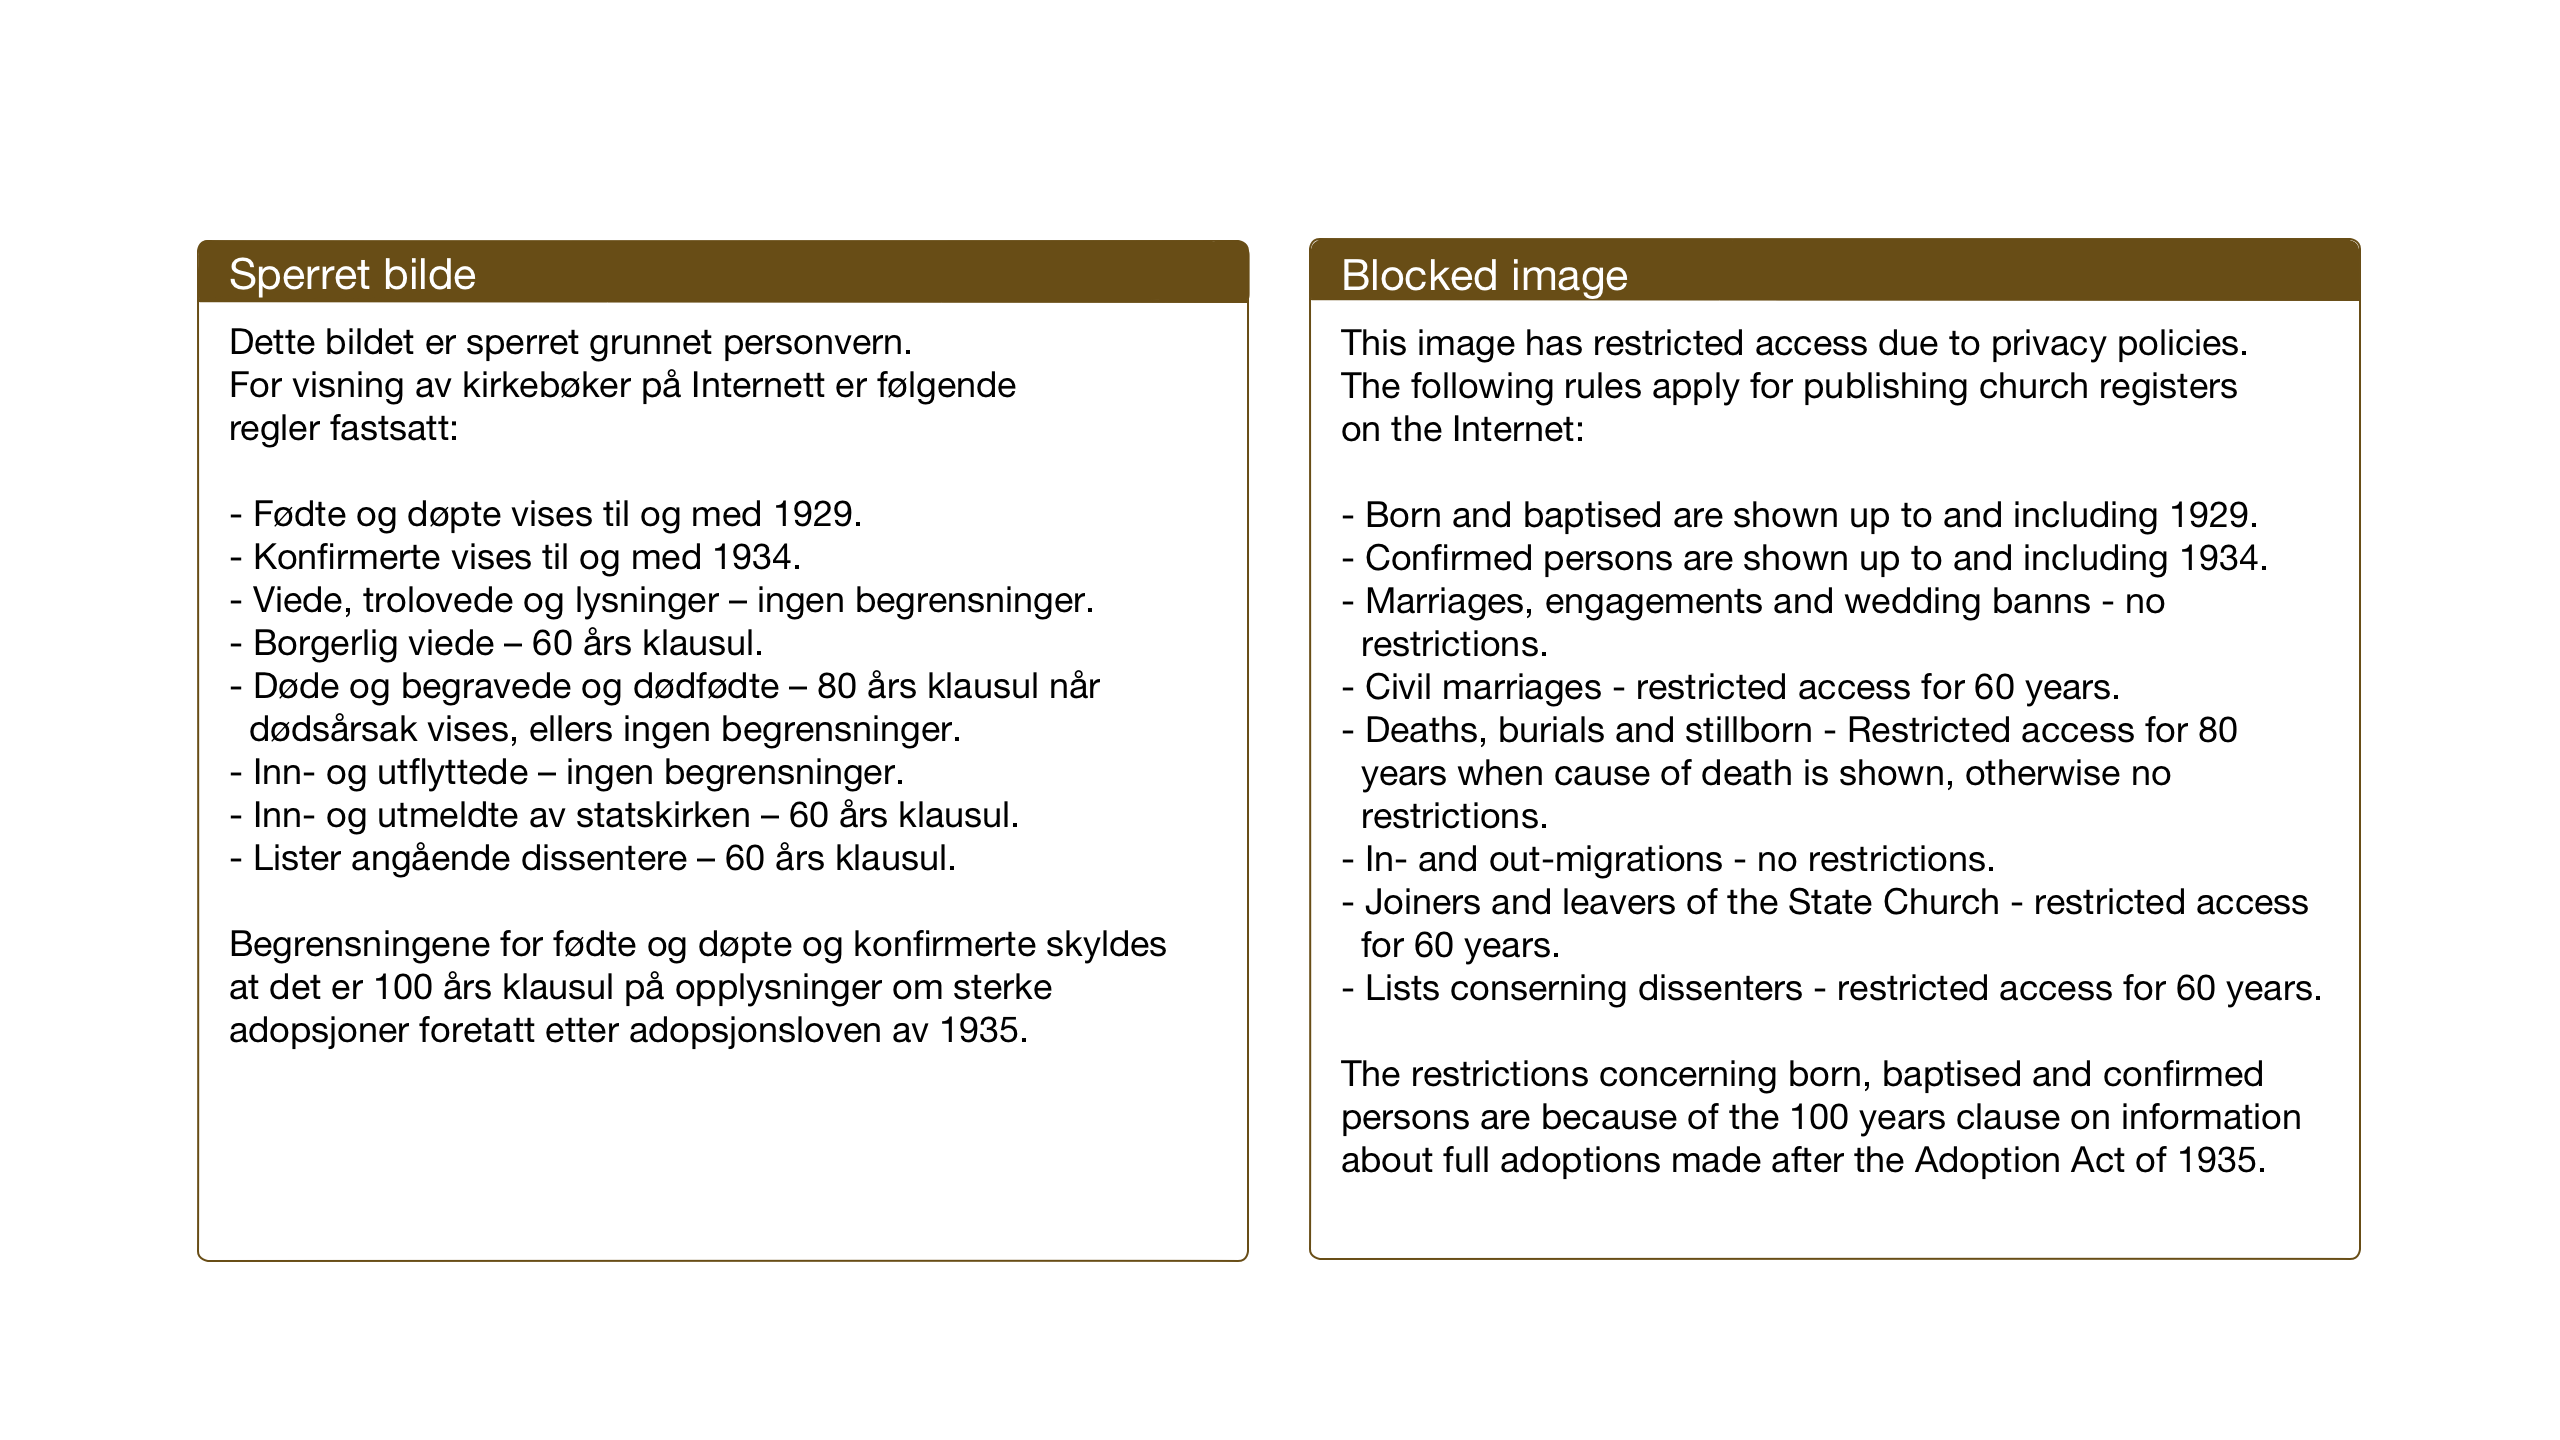 SAT, Ministerialprotokoller, klokkerbøker og fødselsregistre - Sør-Trøndelag, 603/L0173: Klokkerbok nr. 603C01, 1907-1962, s. 61